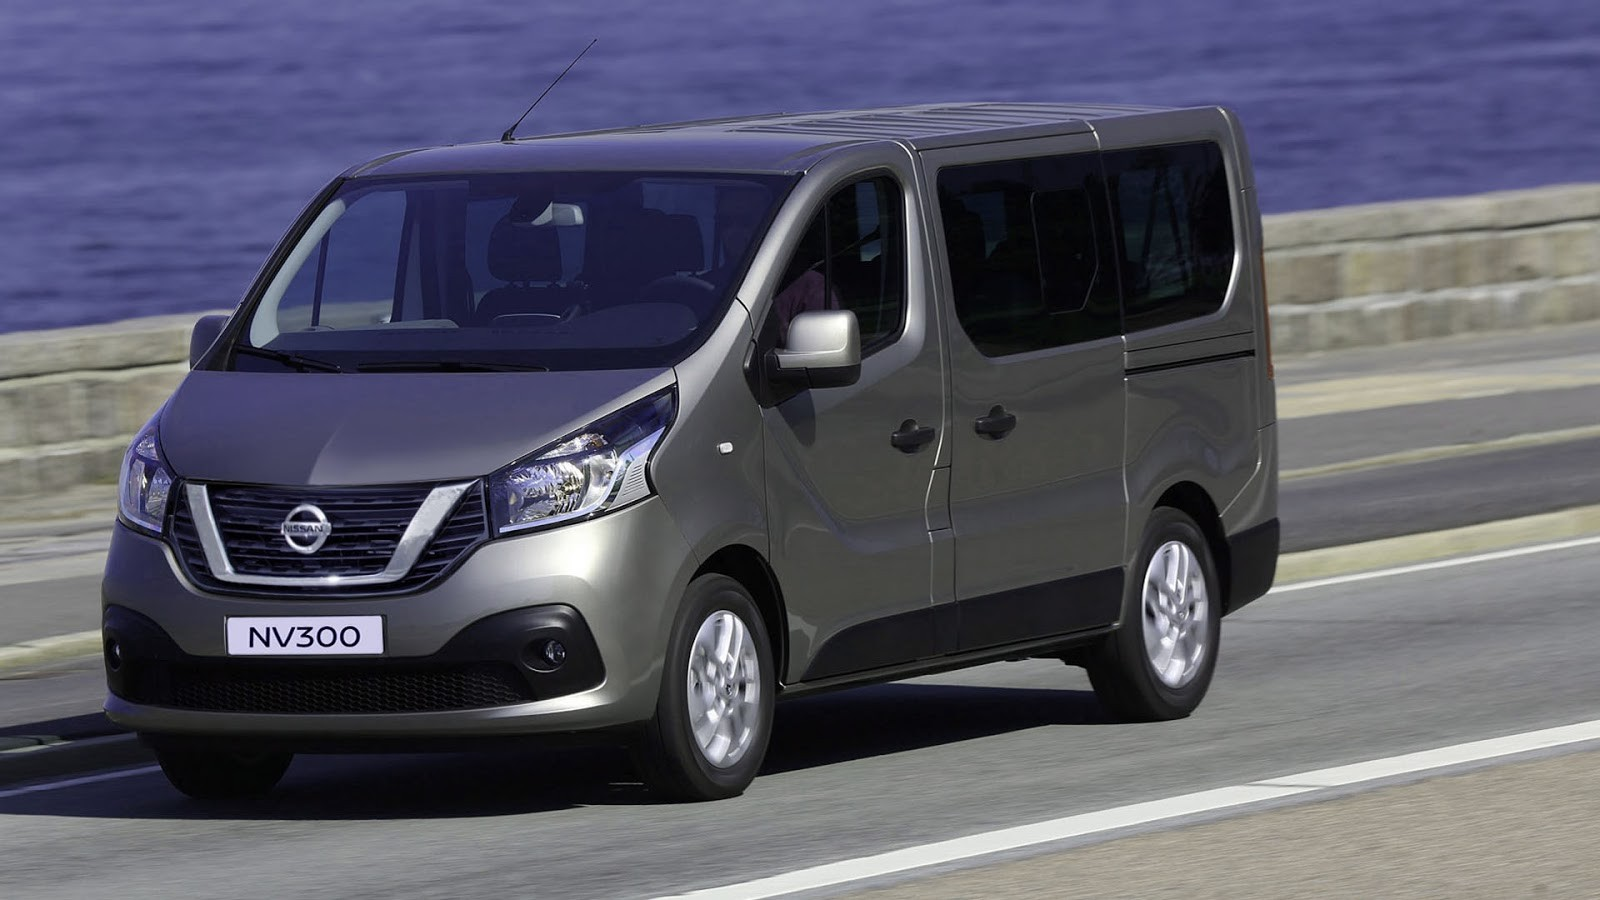 Названы официальные цены нового коммерческого автомобиля Ниссан NV300